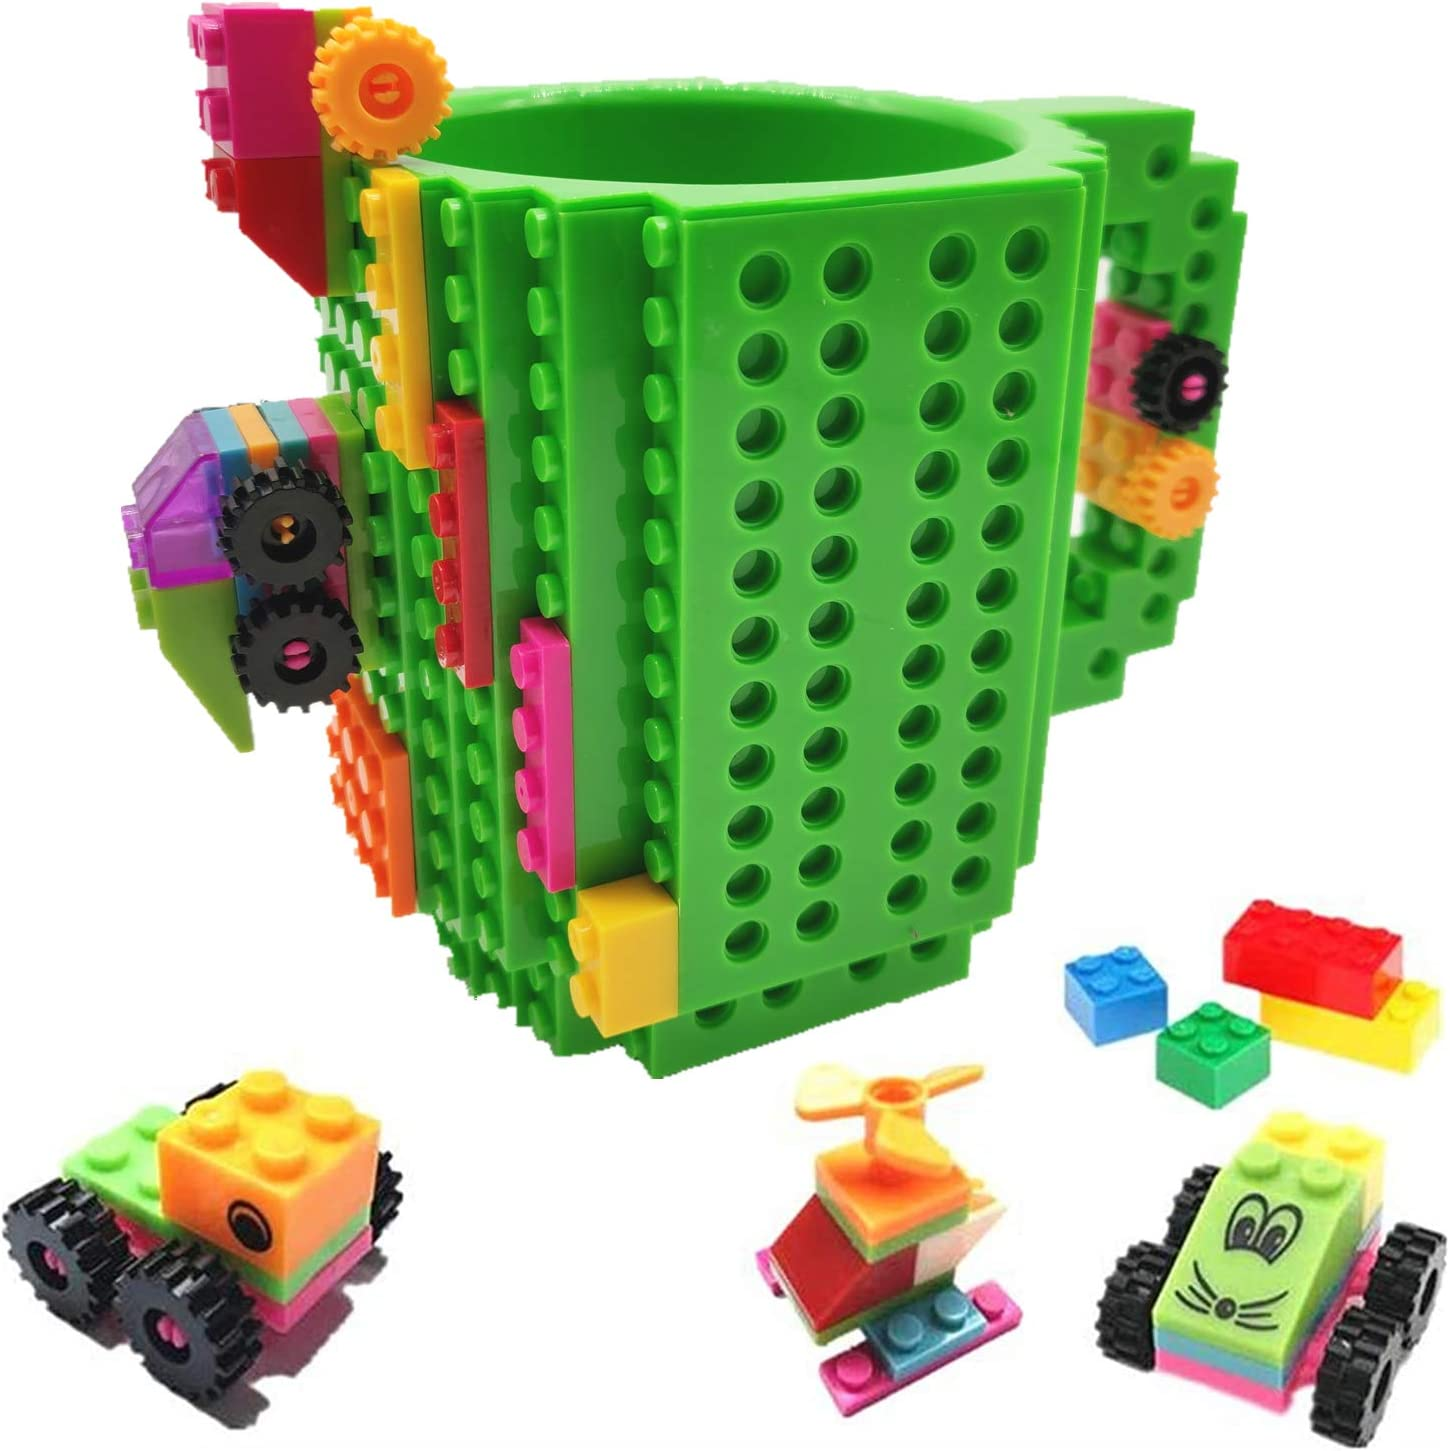 HUISHENG Build-on Brick Mug, Tazas Desayuno, Regalos para Hombres Papá Él Amigos Niños Adulto, Originales Regalo Ideal para Navidad Pascua Dia del Padre Cumpleaños, Compatible con Lego (Verde)